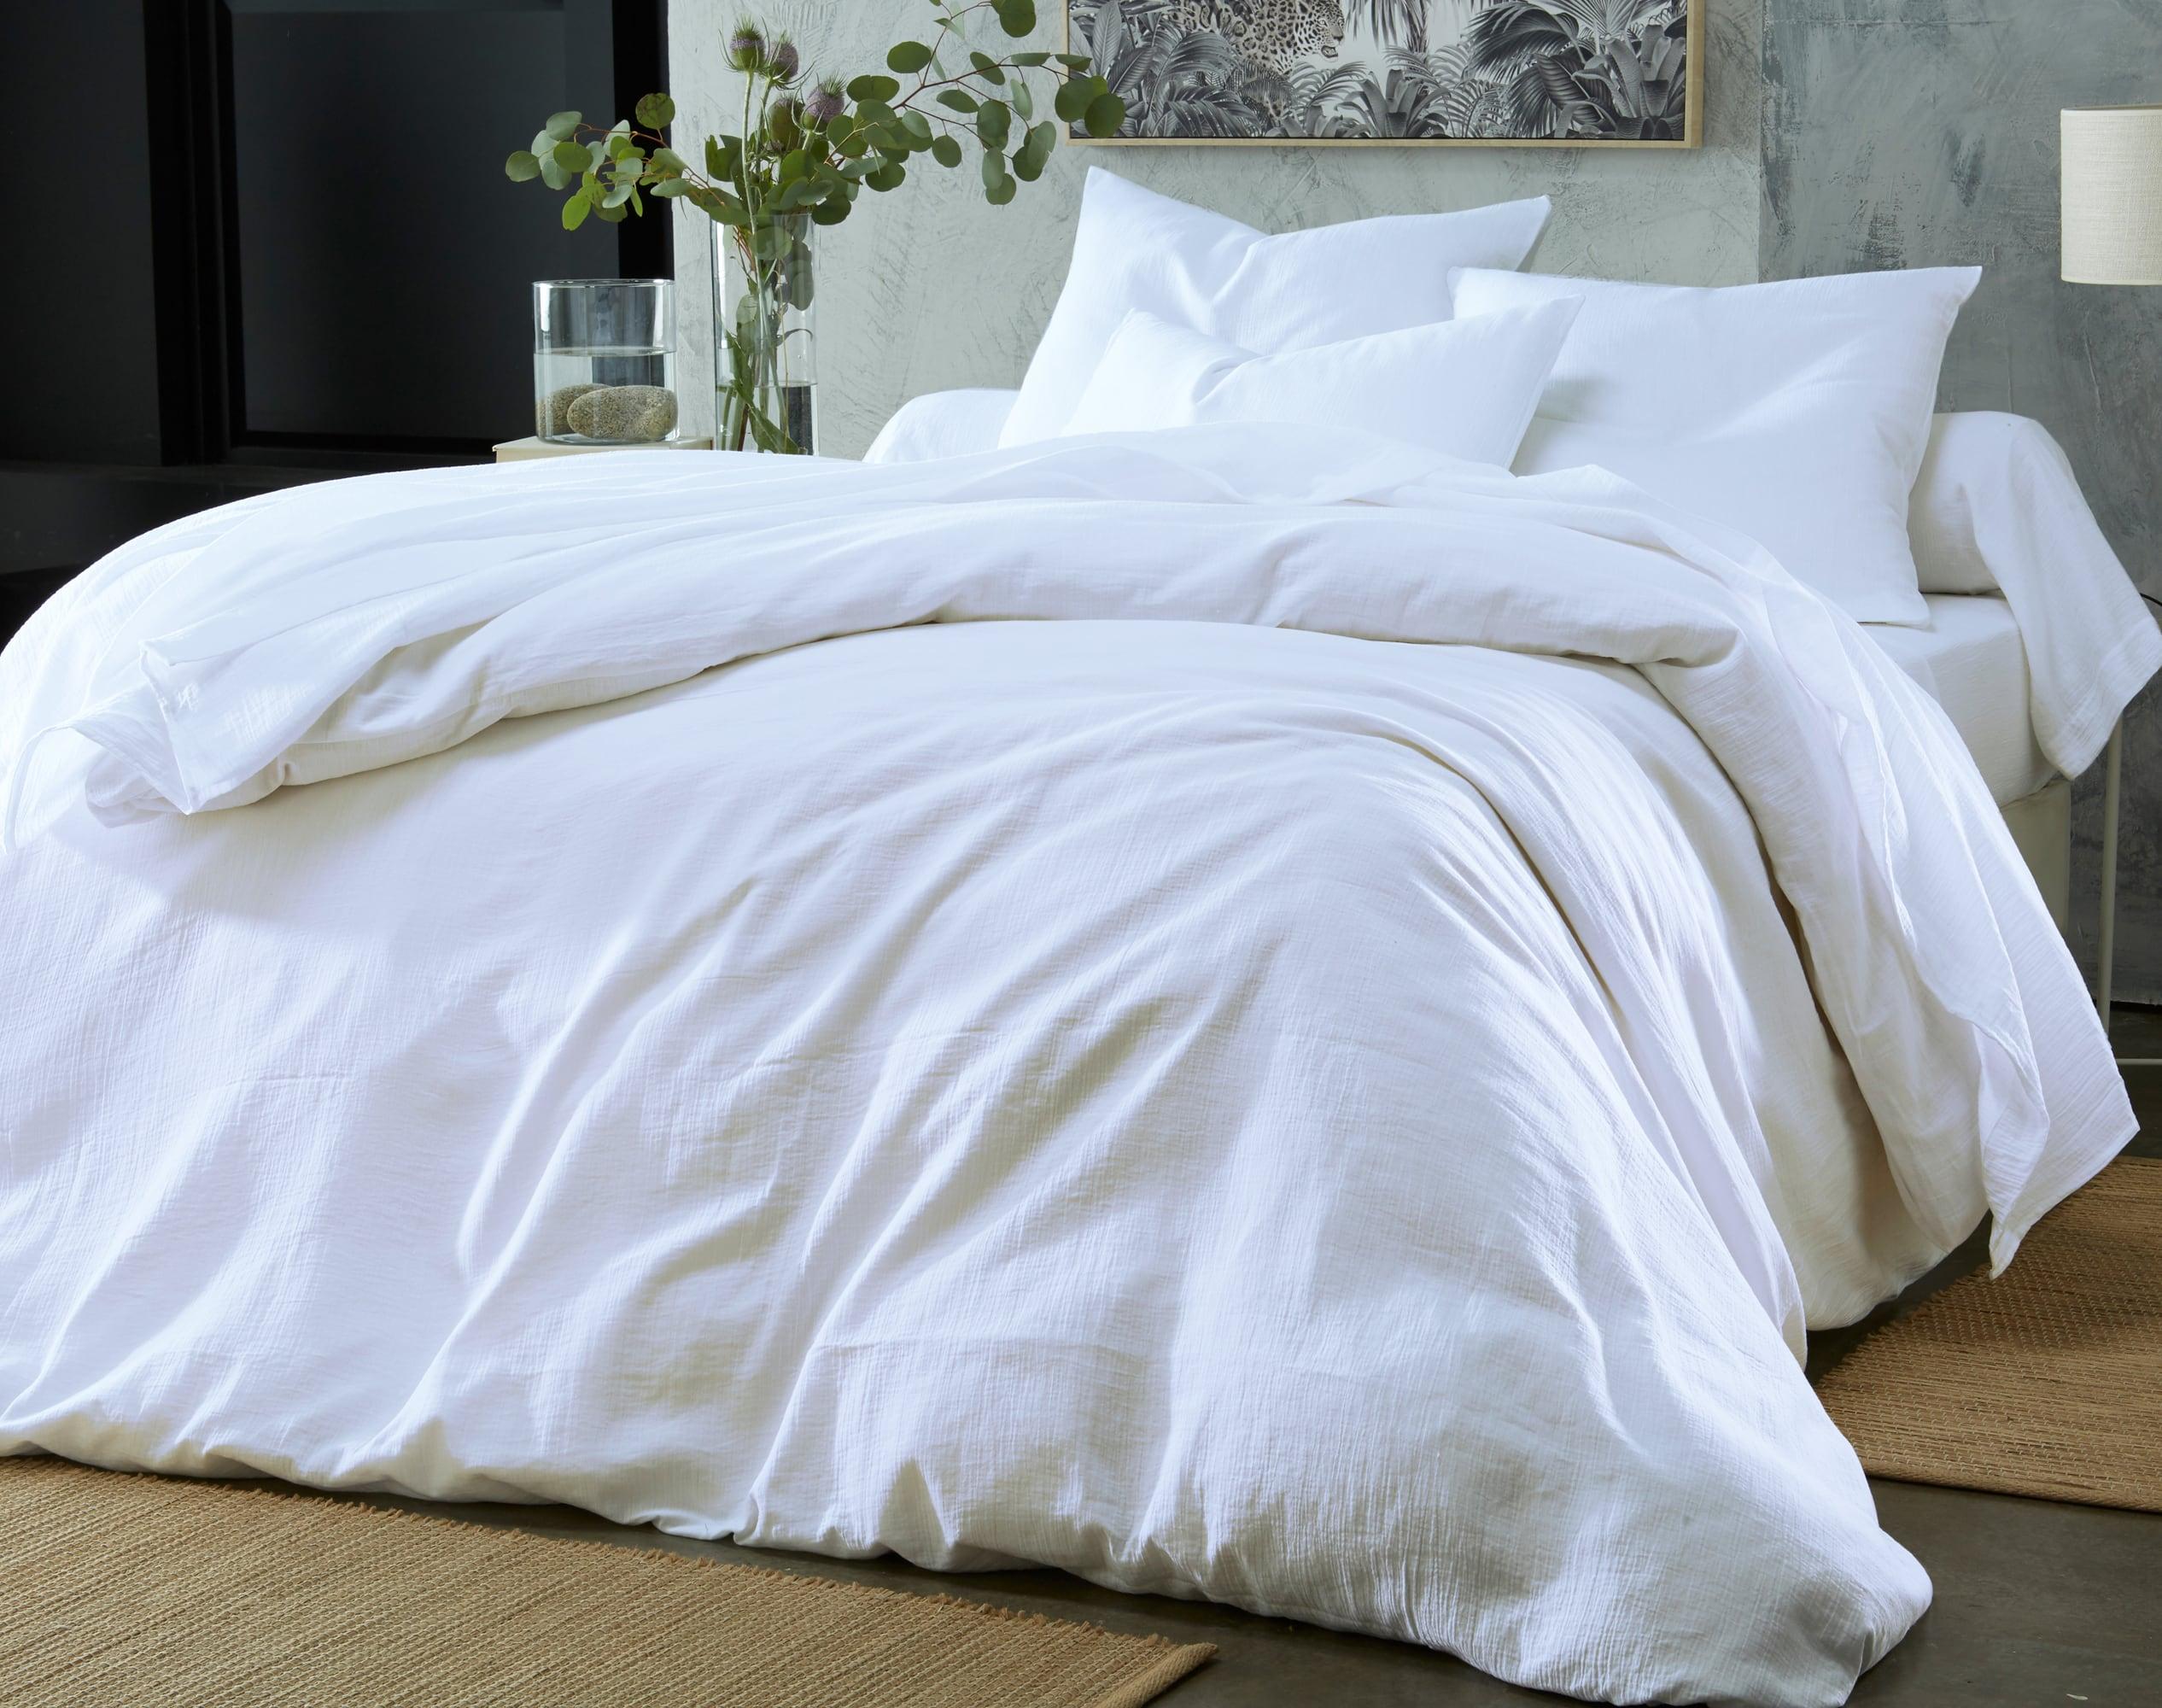 Housse de couette 200x200 en gaze de coton blanc